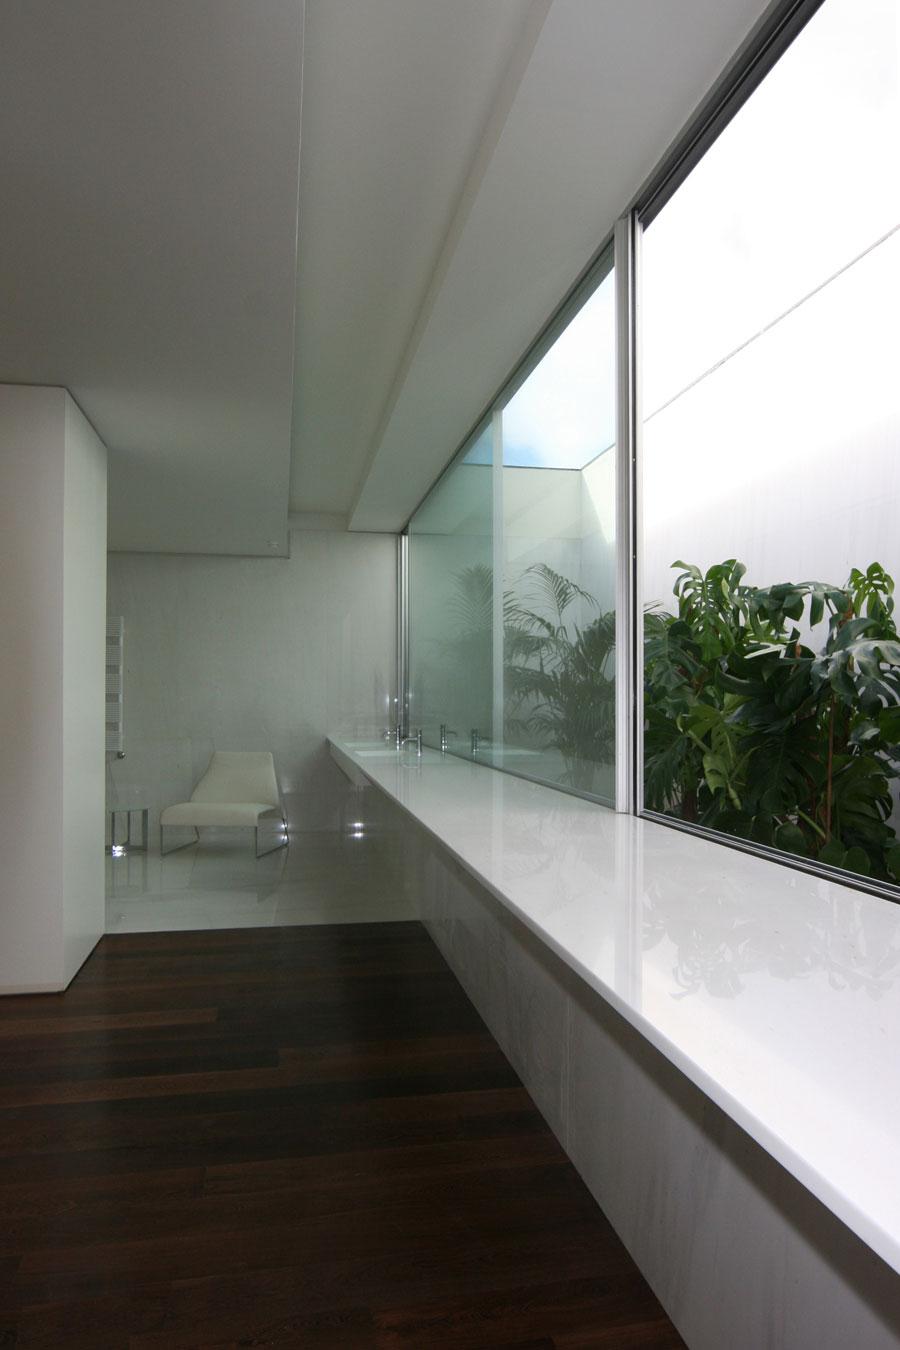 Casa no bom jesus topos atelier de arquitectura - Atelier arquitectura ...